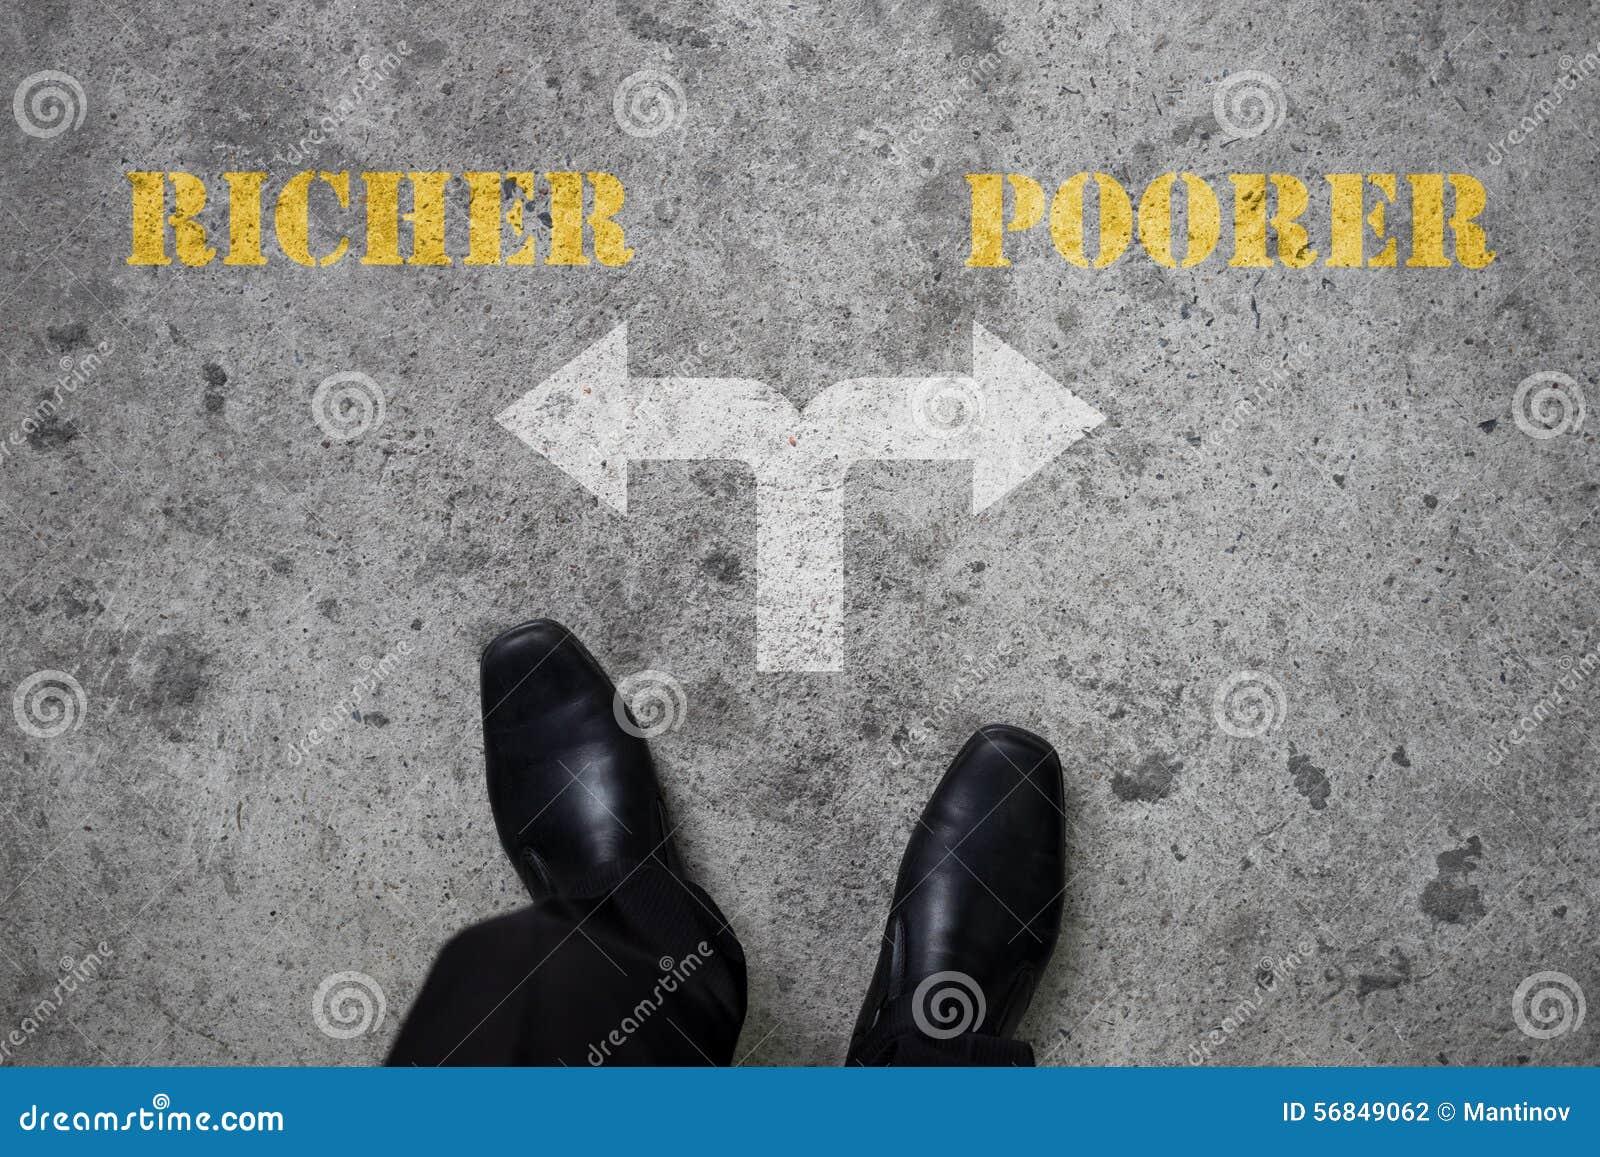 Besluit om bij de dwars rijker of slechtere weg te maken -